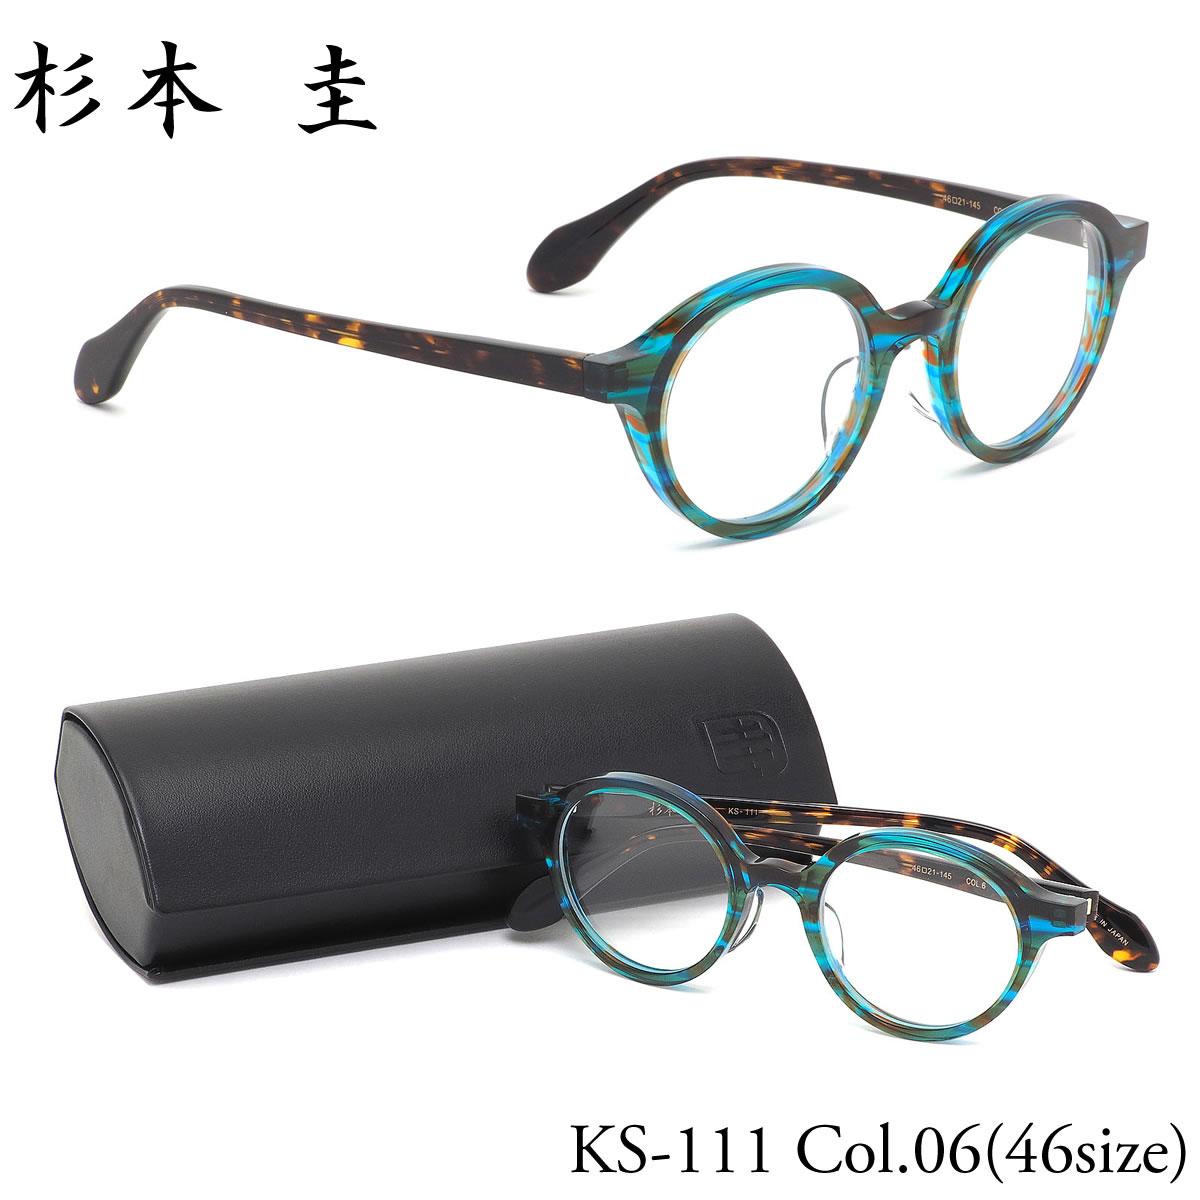 【10月30日からエントリーで全品ポイント20倍】杉本圭 スギモトケイ メガネKS-111 06 46サイズSUGIMOTO KEI ラウンド べっ甲 デミ 日本製 MADE IN JAPAN 職人技メンズ レディース